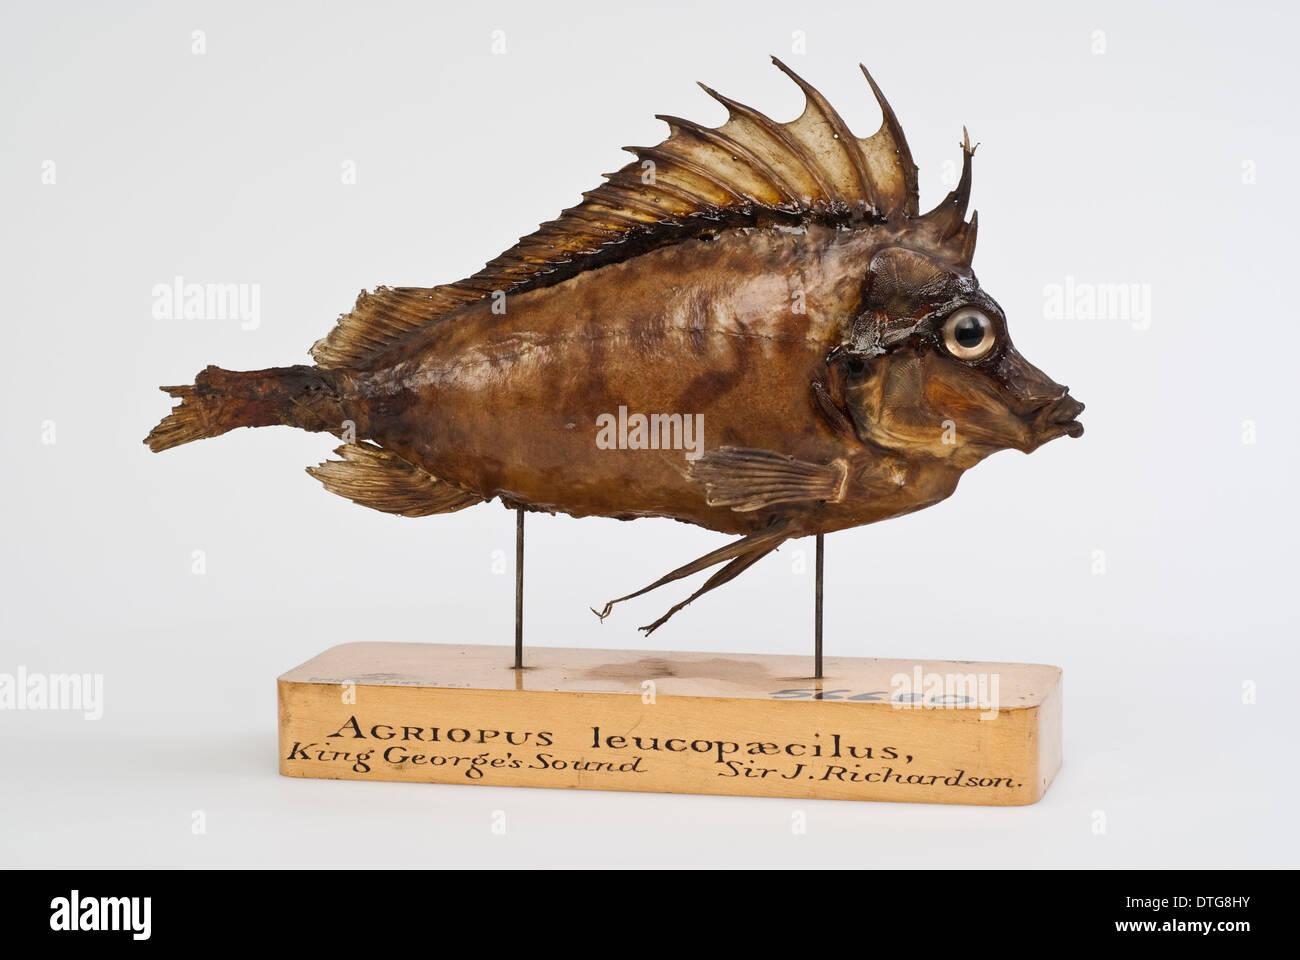 Southern pigfish, Congiopodus leucopaecilus (originally Agriopus leucopaecilus) - Stock Image